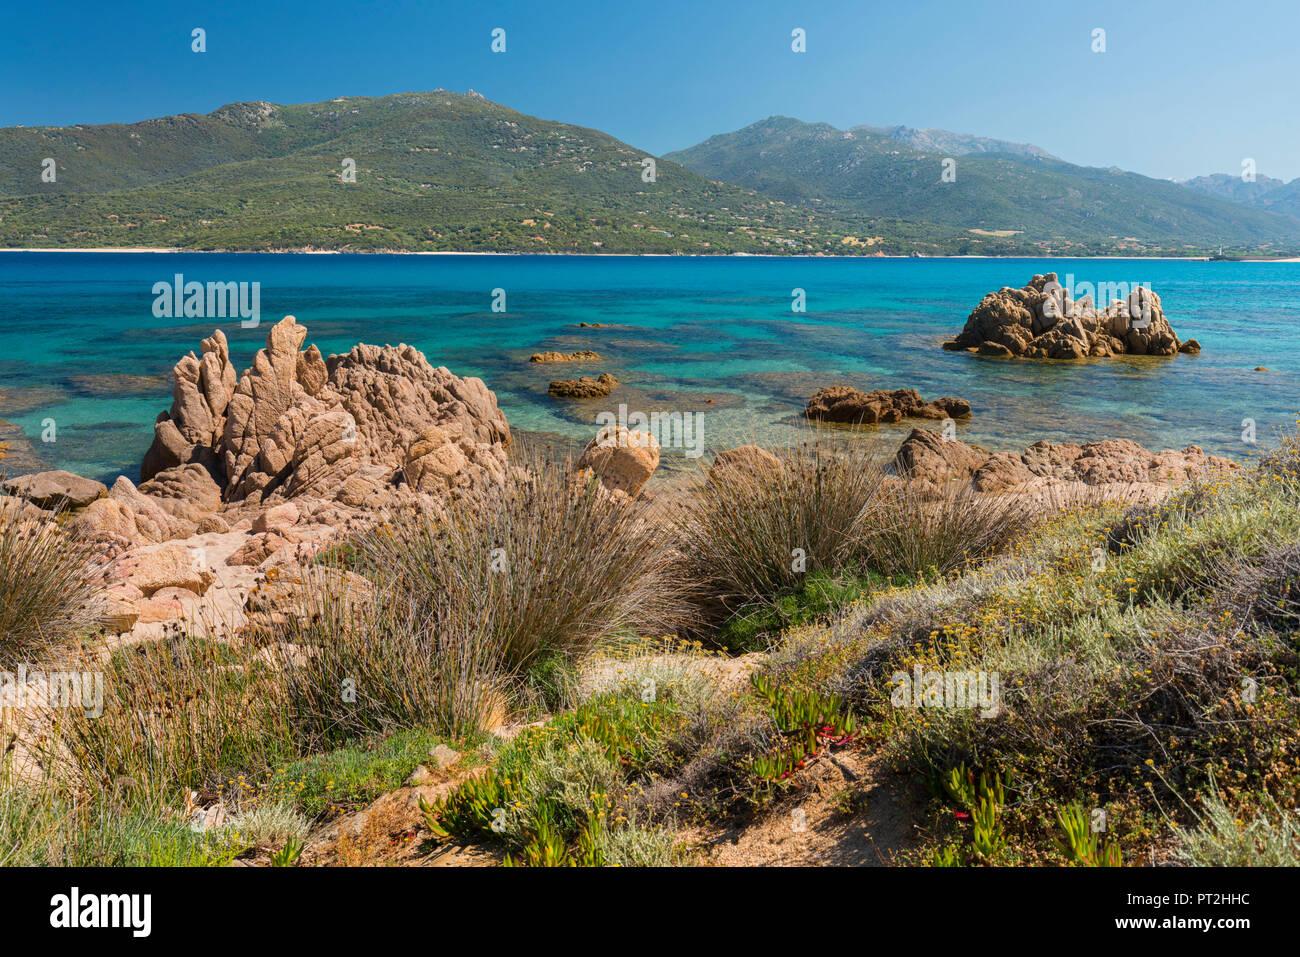 Coast in the bay of Propriano, Corse du Sud, Corsica, France - Stock Image